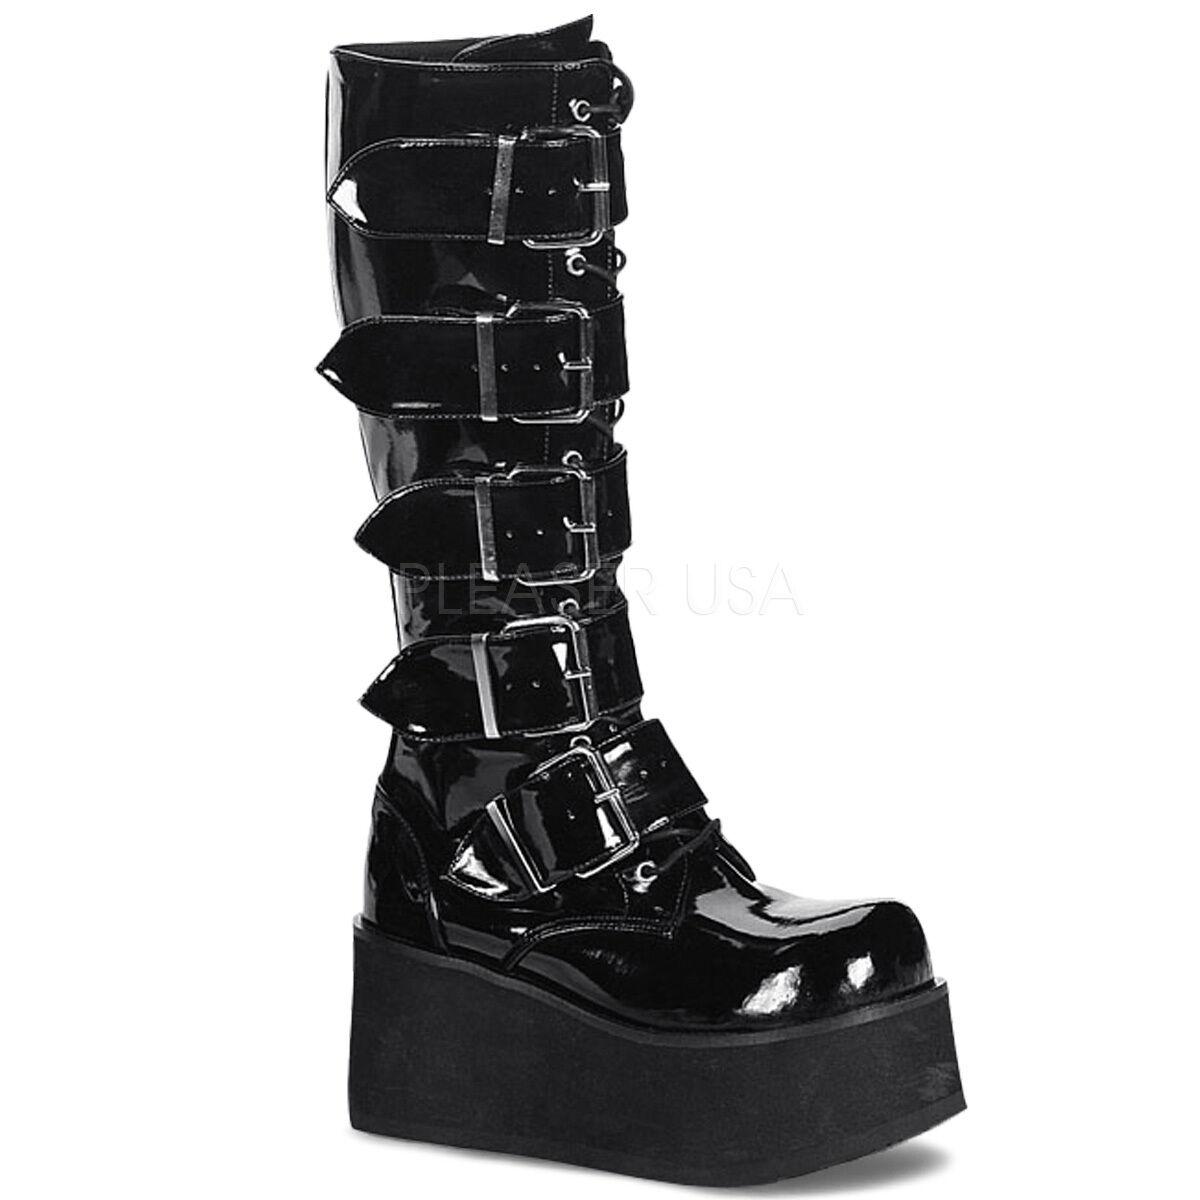 Demonia TRASHVILLE 518 Femmes Punk Goth Cyber 5 à boucle noir brillant genou bottes